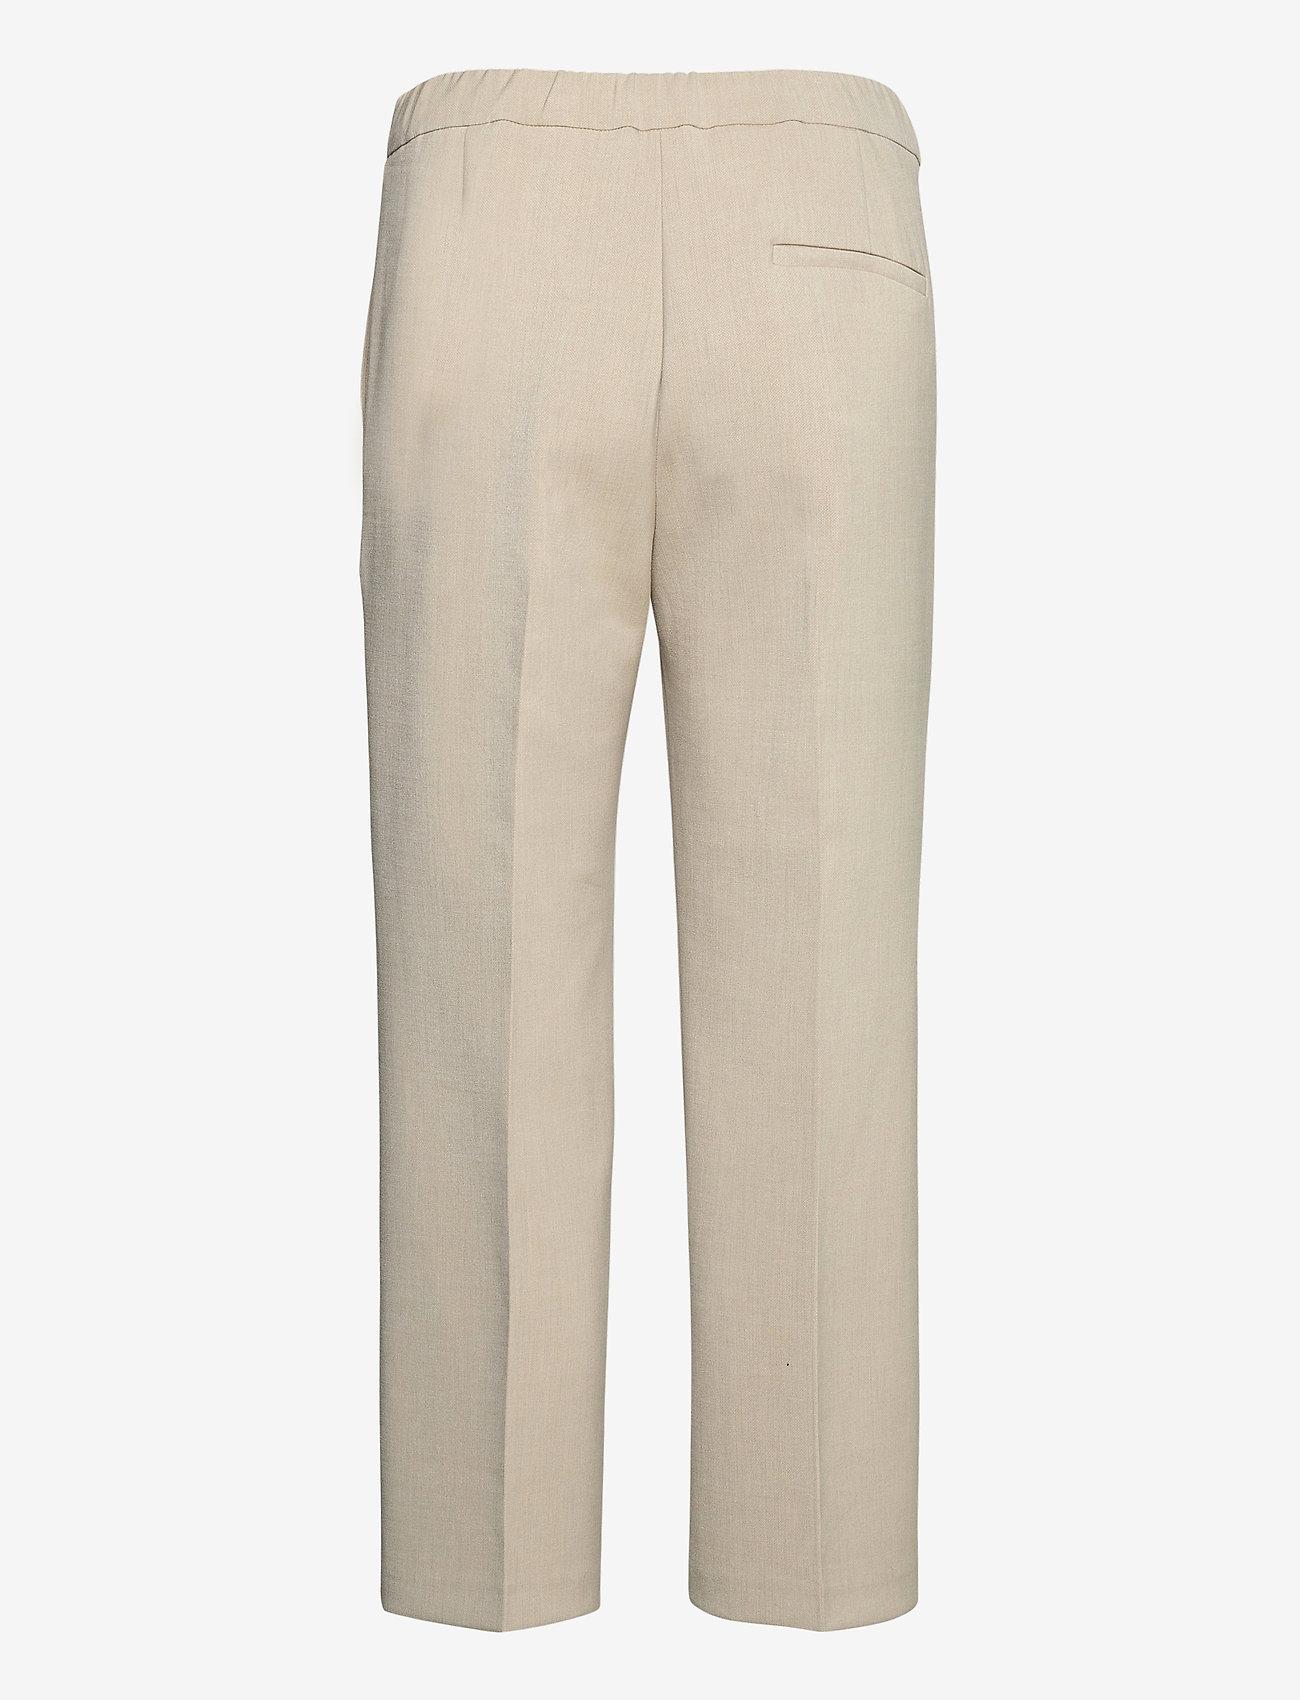 Marimekko - HAKKU COLOR TROUSERS - bukser med lige ben - off-white - 1